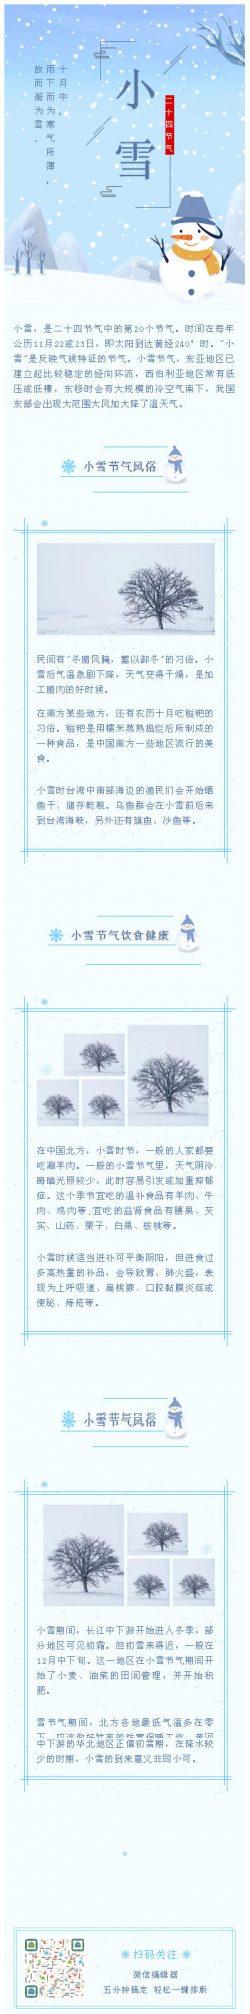 小雪二十四节气之一冬天微信公众号模板冰雪人微信公众号推文素材